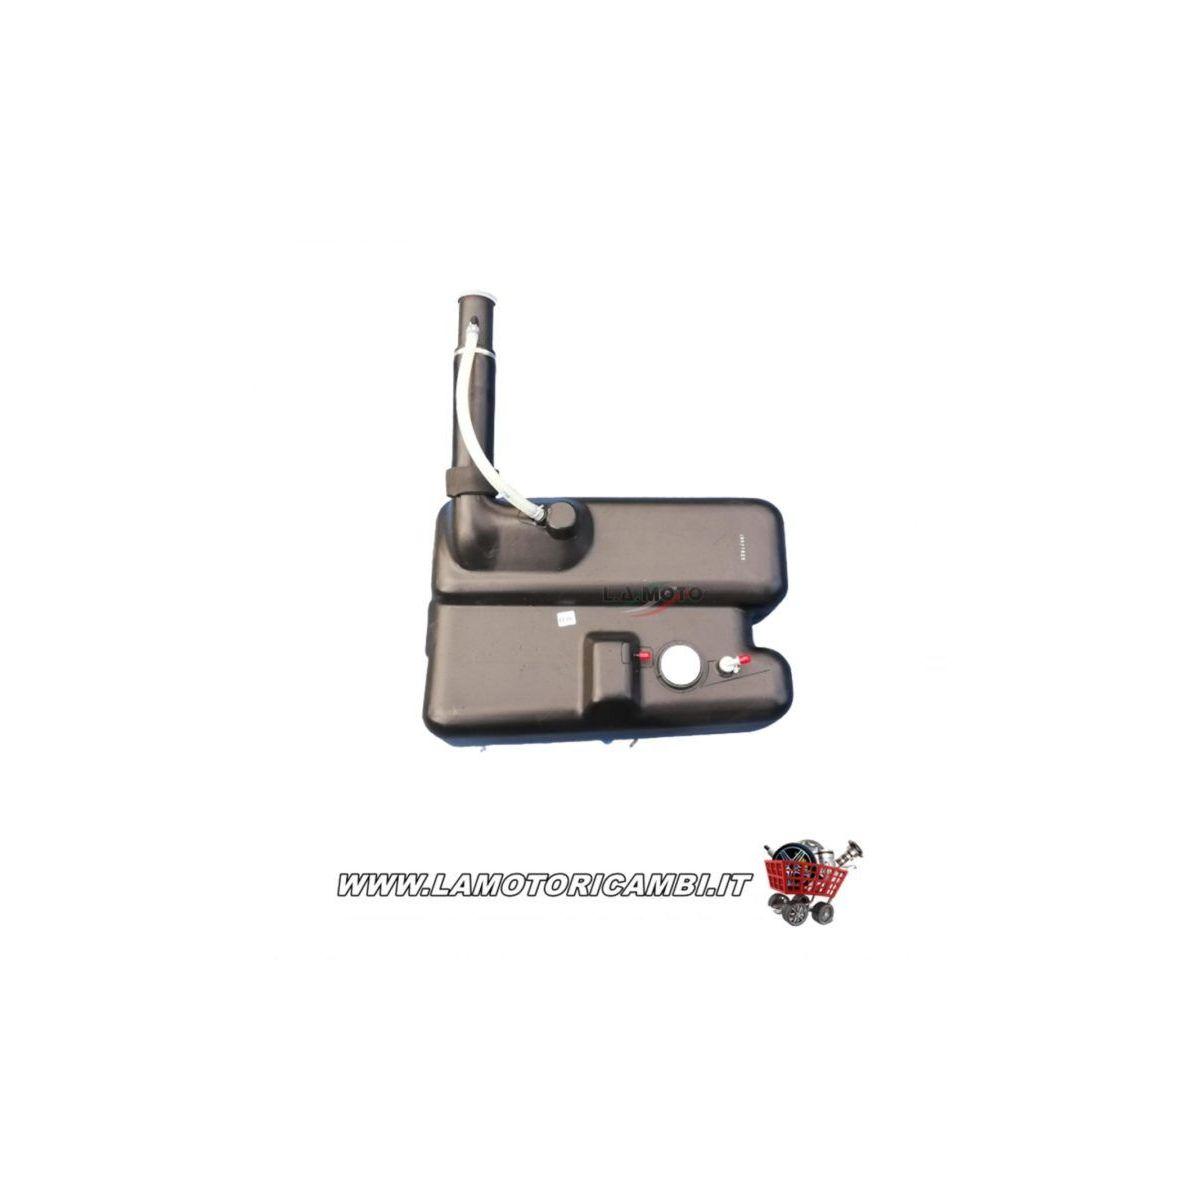 Serbatoio Carburante per Piaggio Quargo cod. 6159935